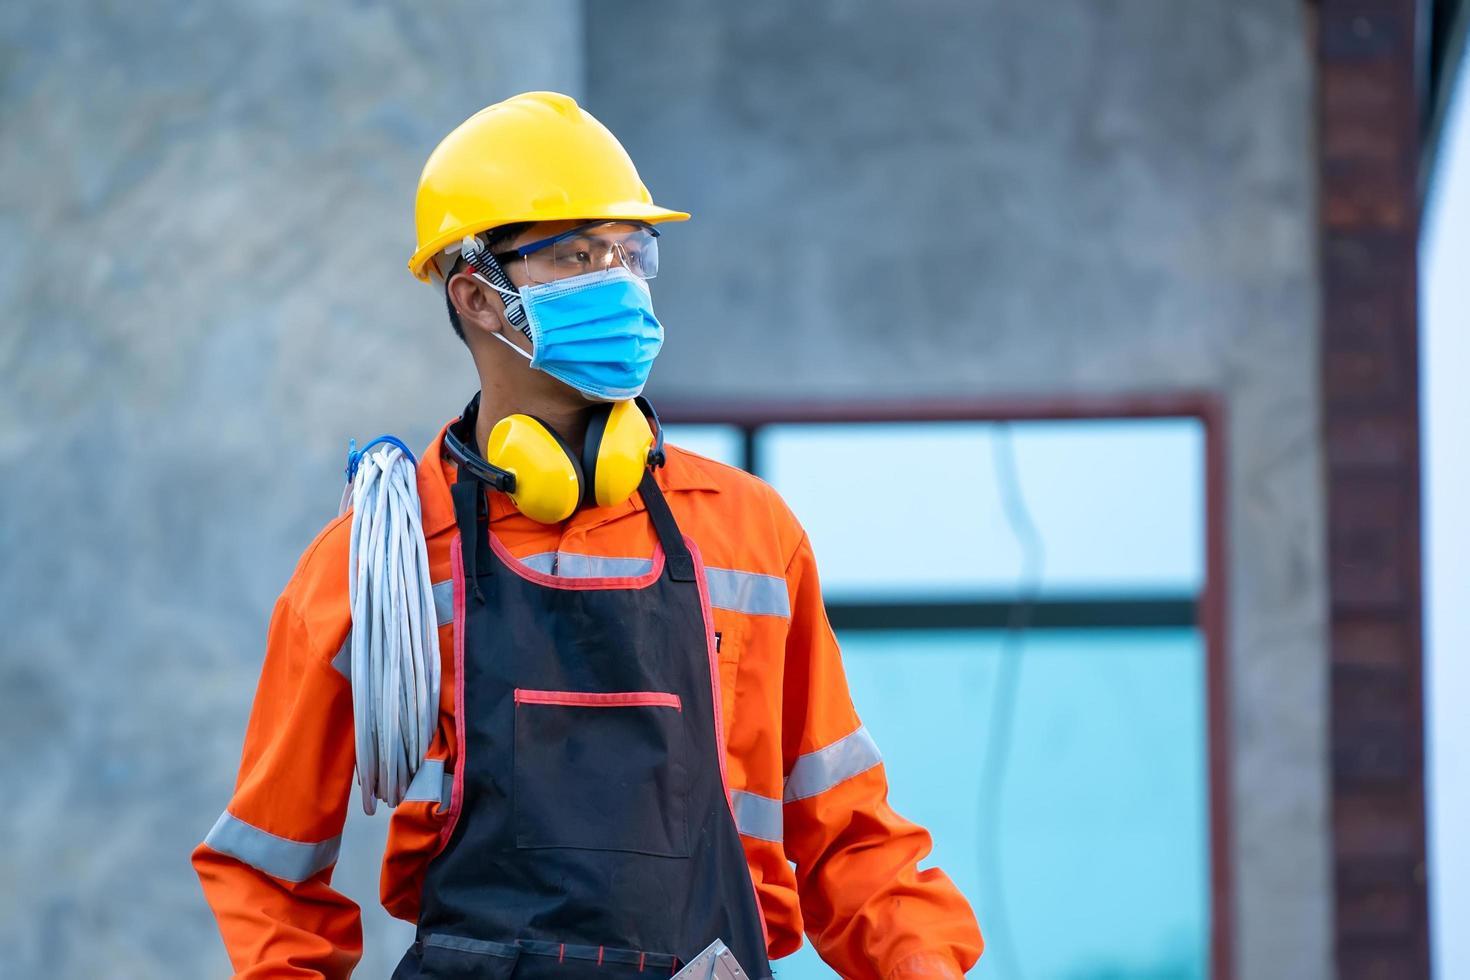 bouwvakker dragen van veiligheidsuitrusting foto